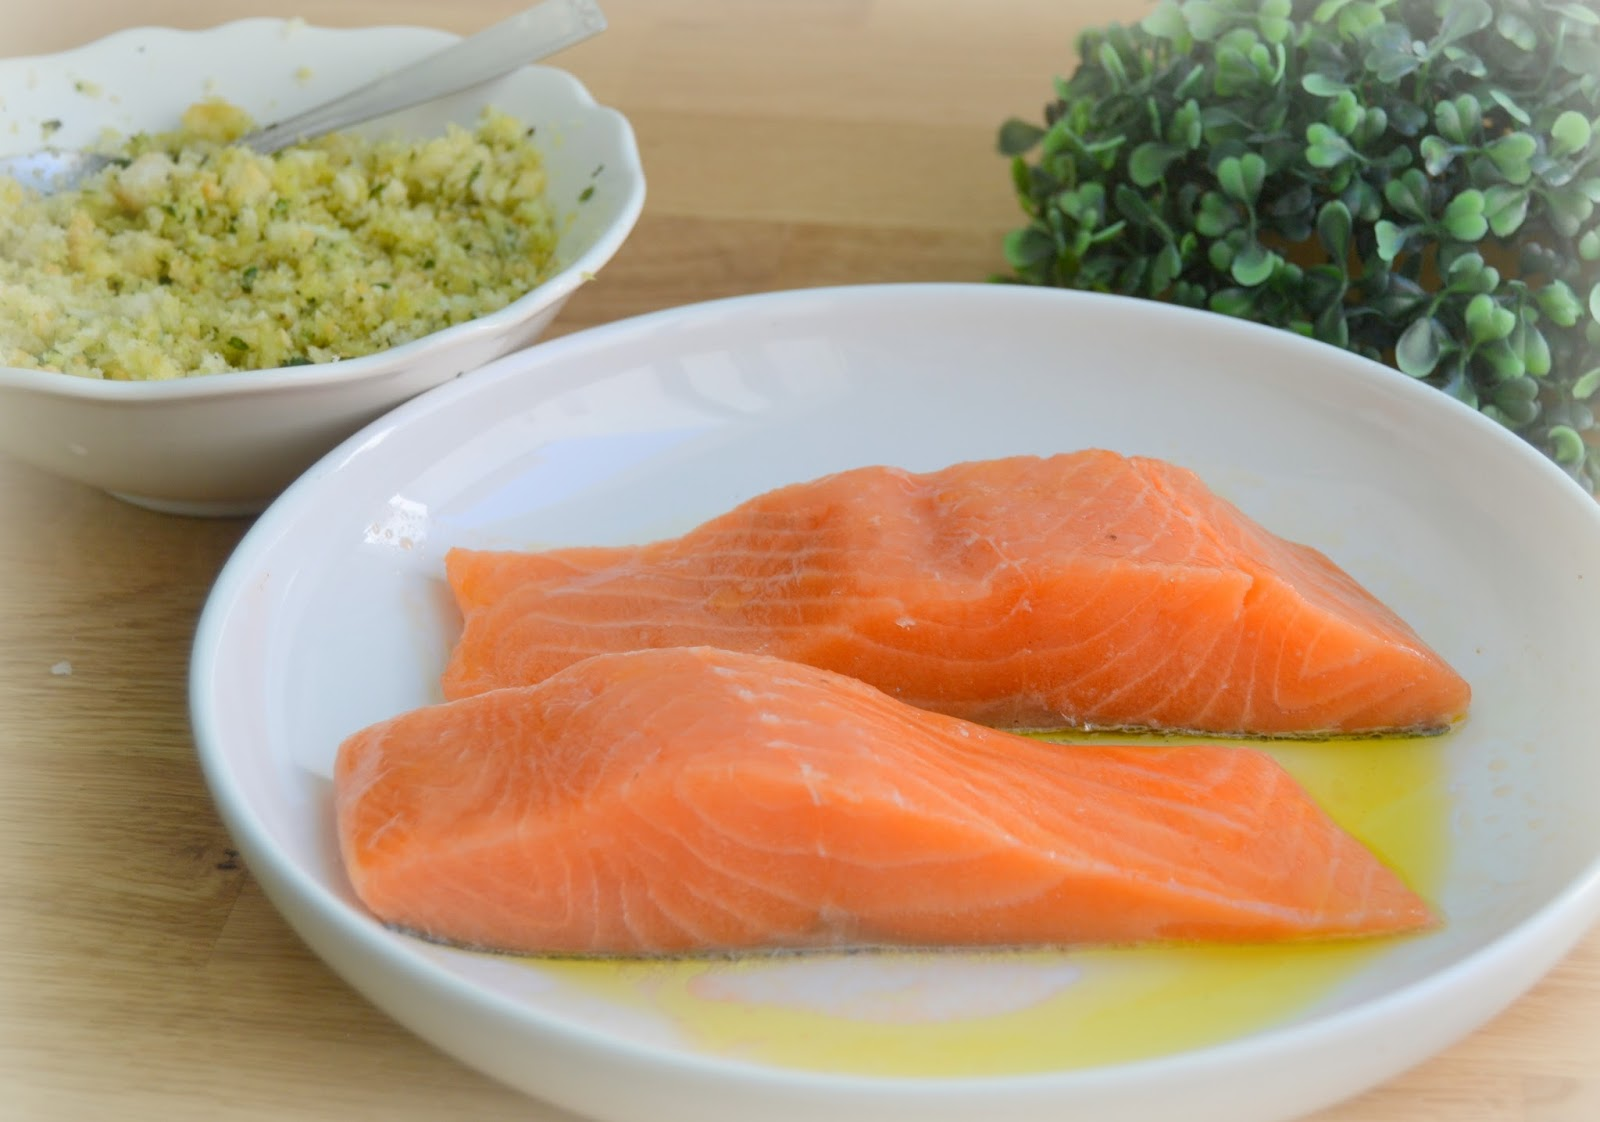 Salmón al horno con costra al pesto pesto. Baked salmon. Receta fácil, rápida y saludable.